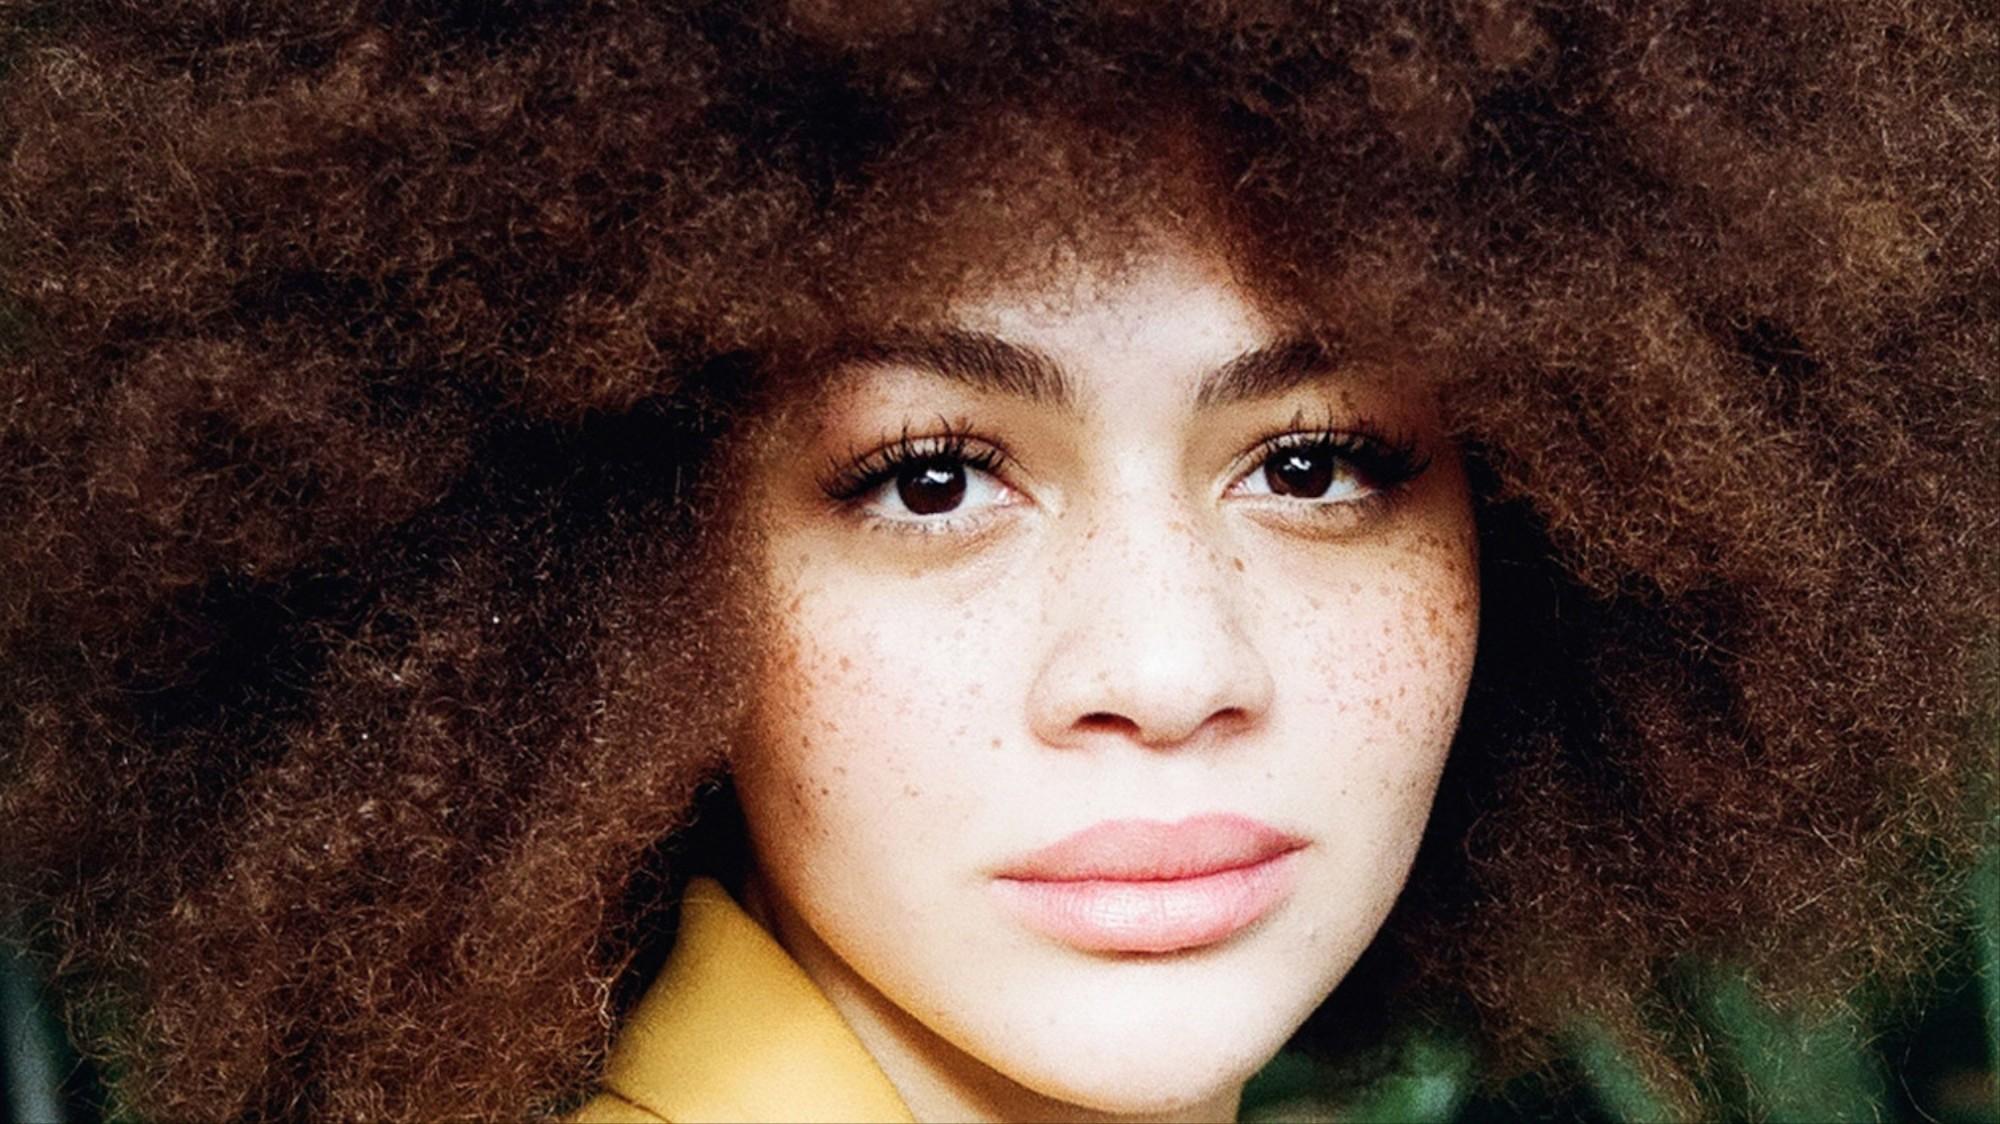 5 Afrodeutsche Frauen Uber Selbstakzeptanz Natural Hair Und